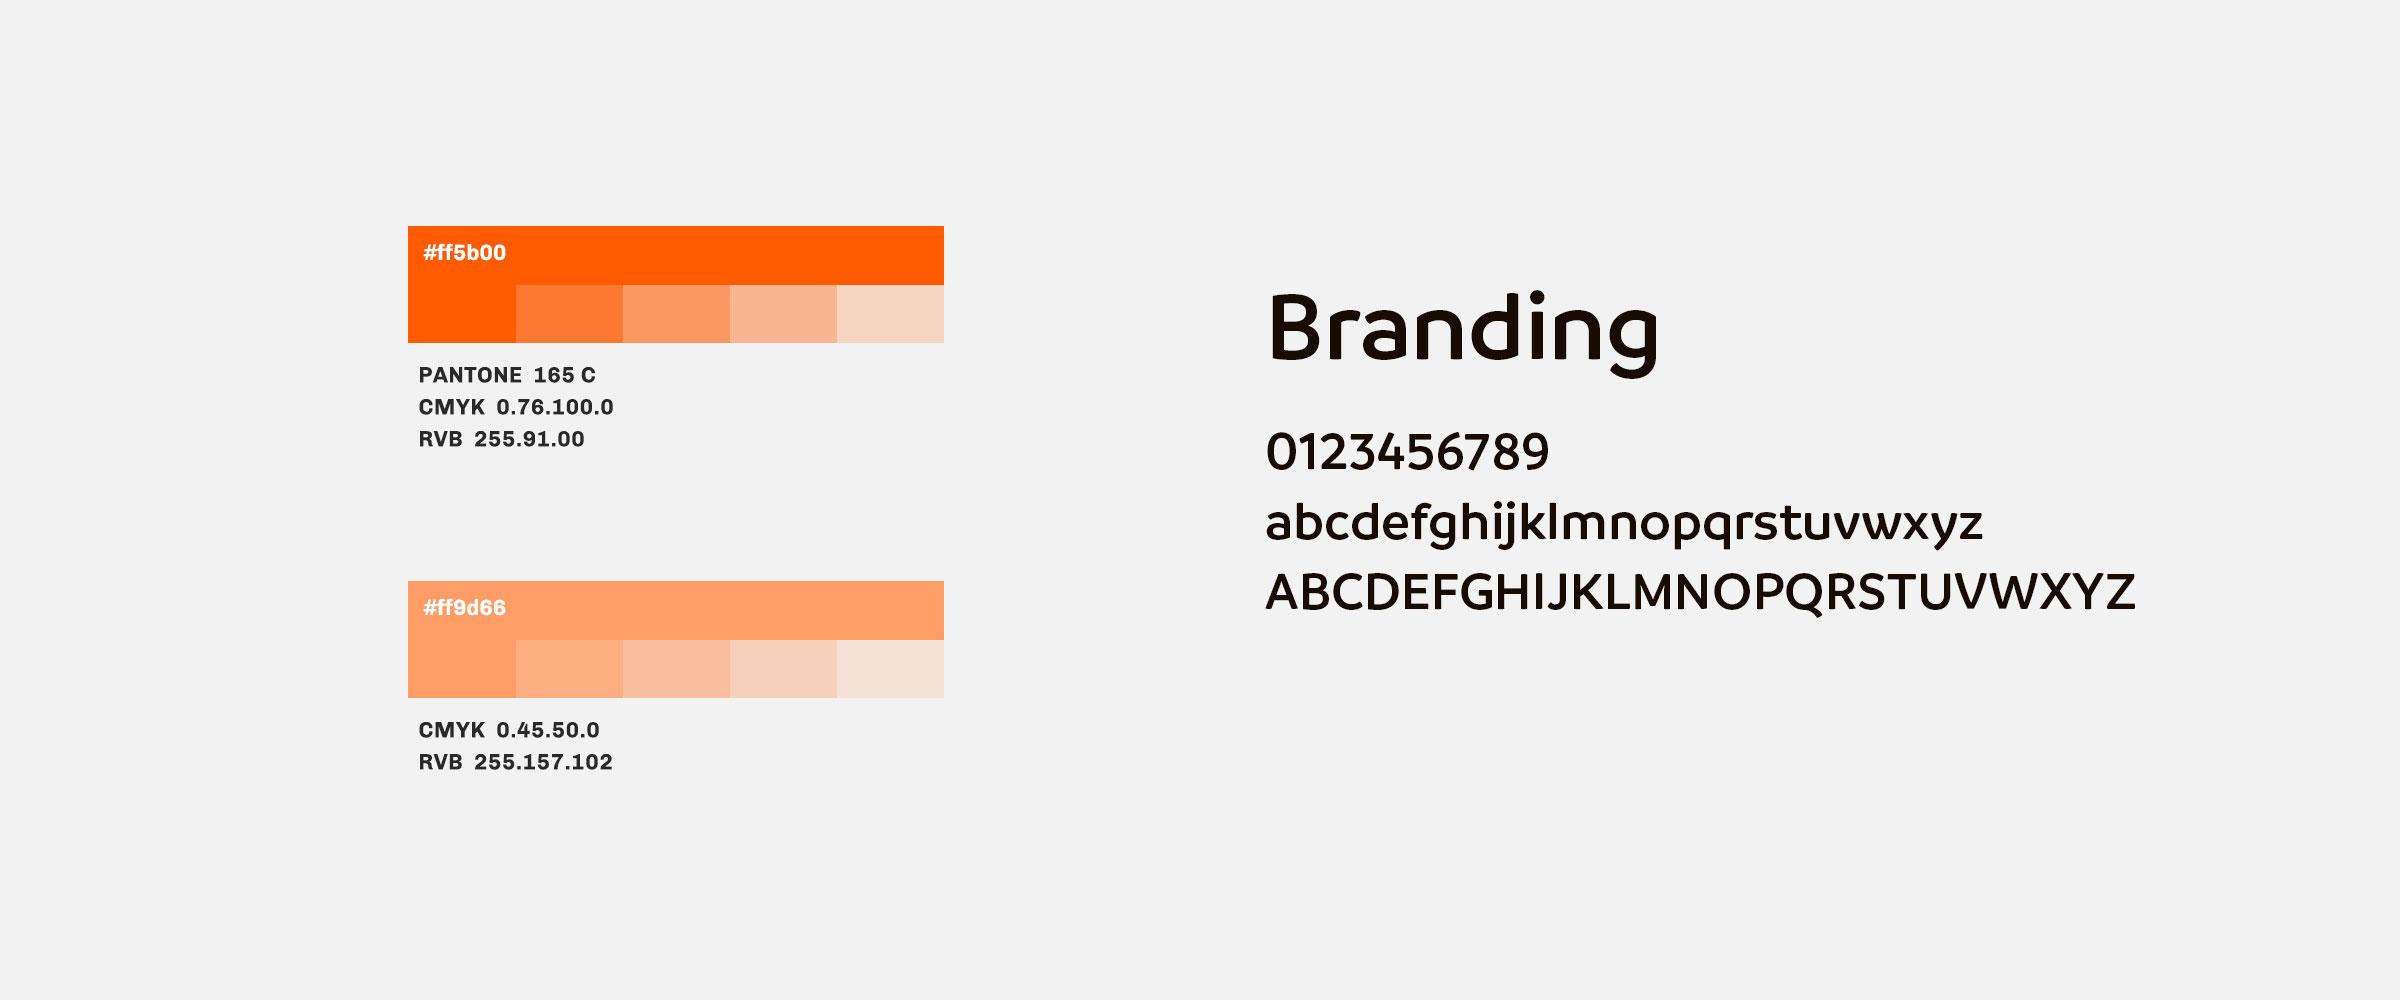 francecom couleurs et typographie